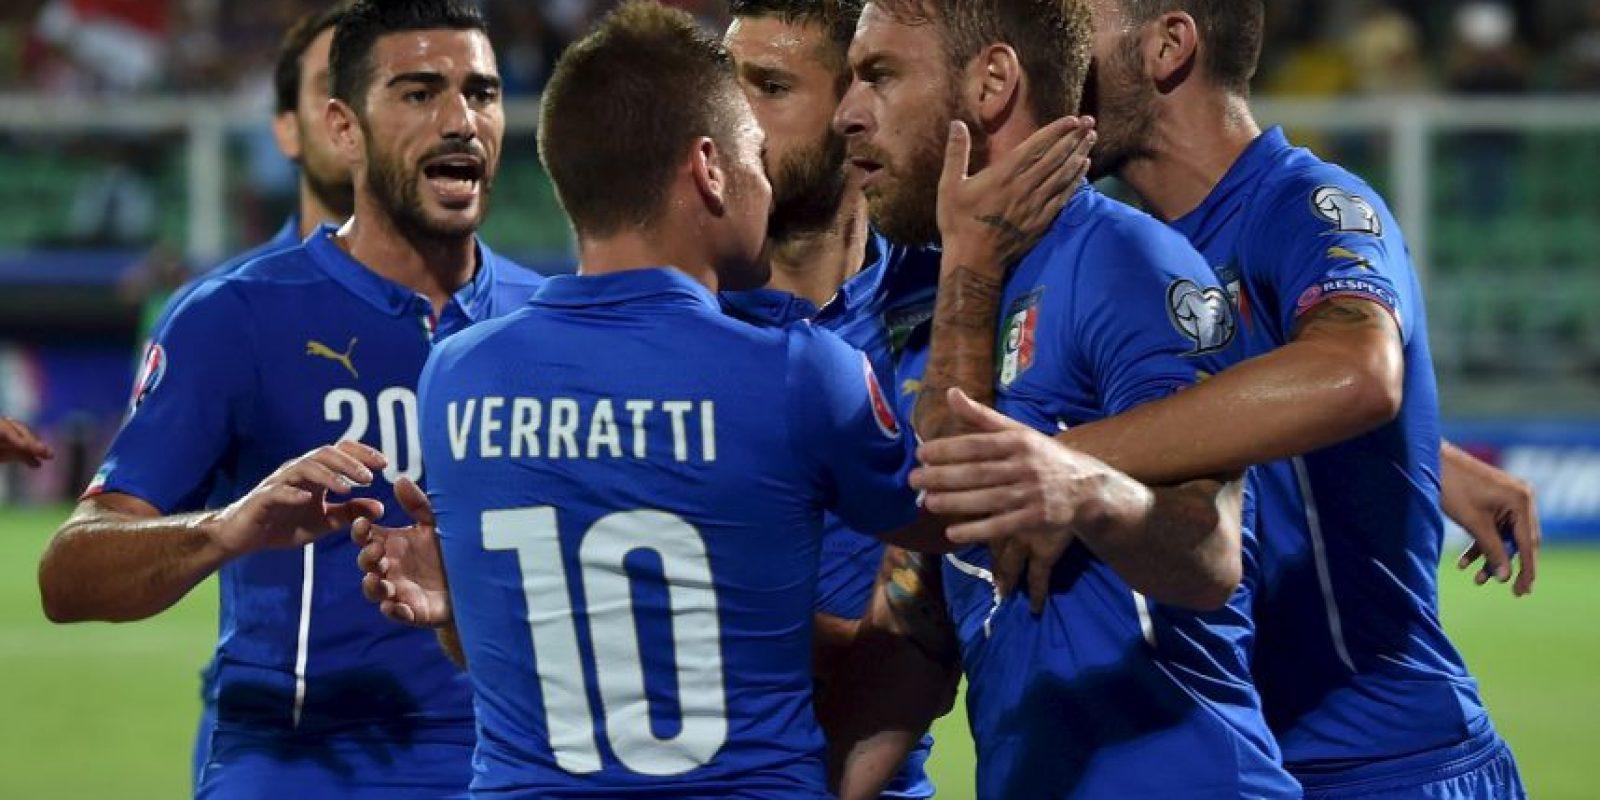 """Con un triunfo más, la """"Azurra"""" estará en la fase final de la Eurocopa como primero o segundo lugar del grupo H. Foto:Getty Images"""